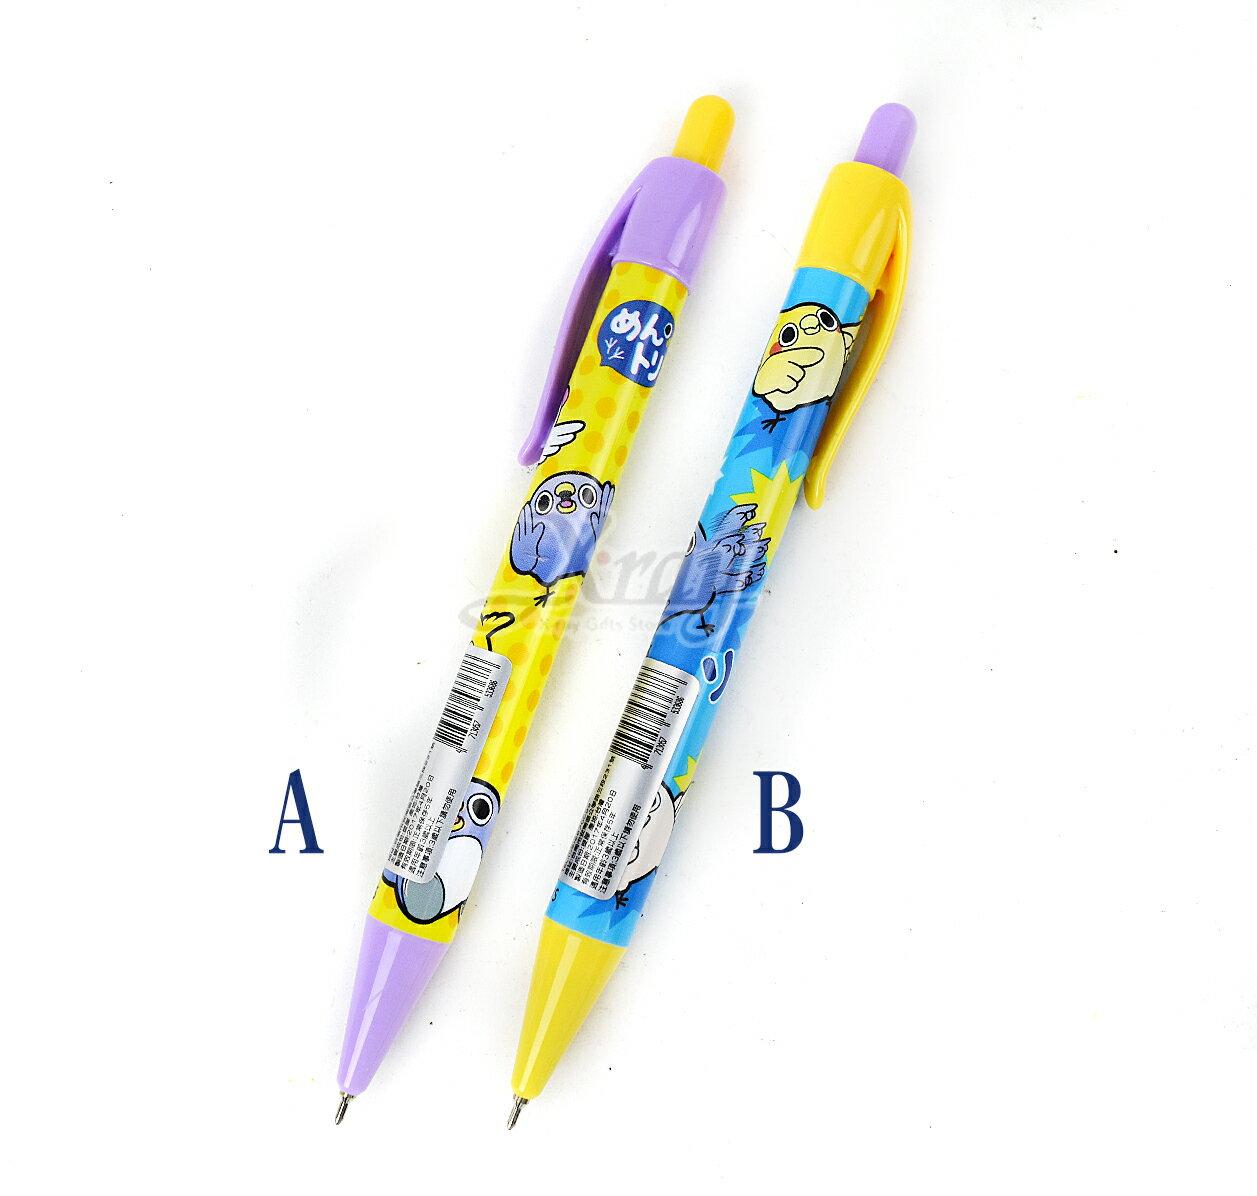 X射線【C533686】懶得鳥你-自動中油筆,中性筆/多用筆/油性筆/開學用品/學生/辦公用品/文具